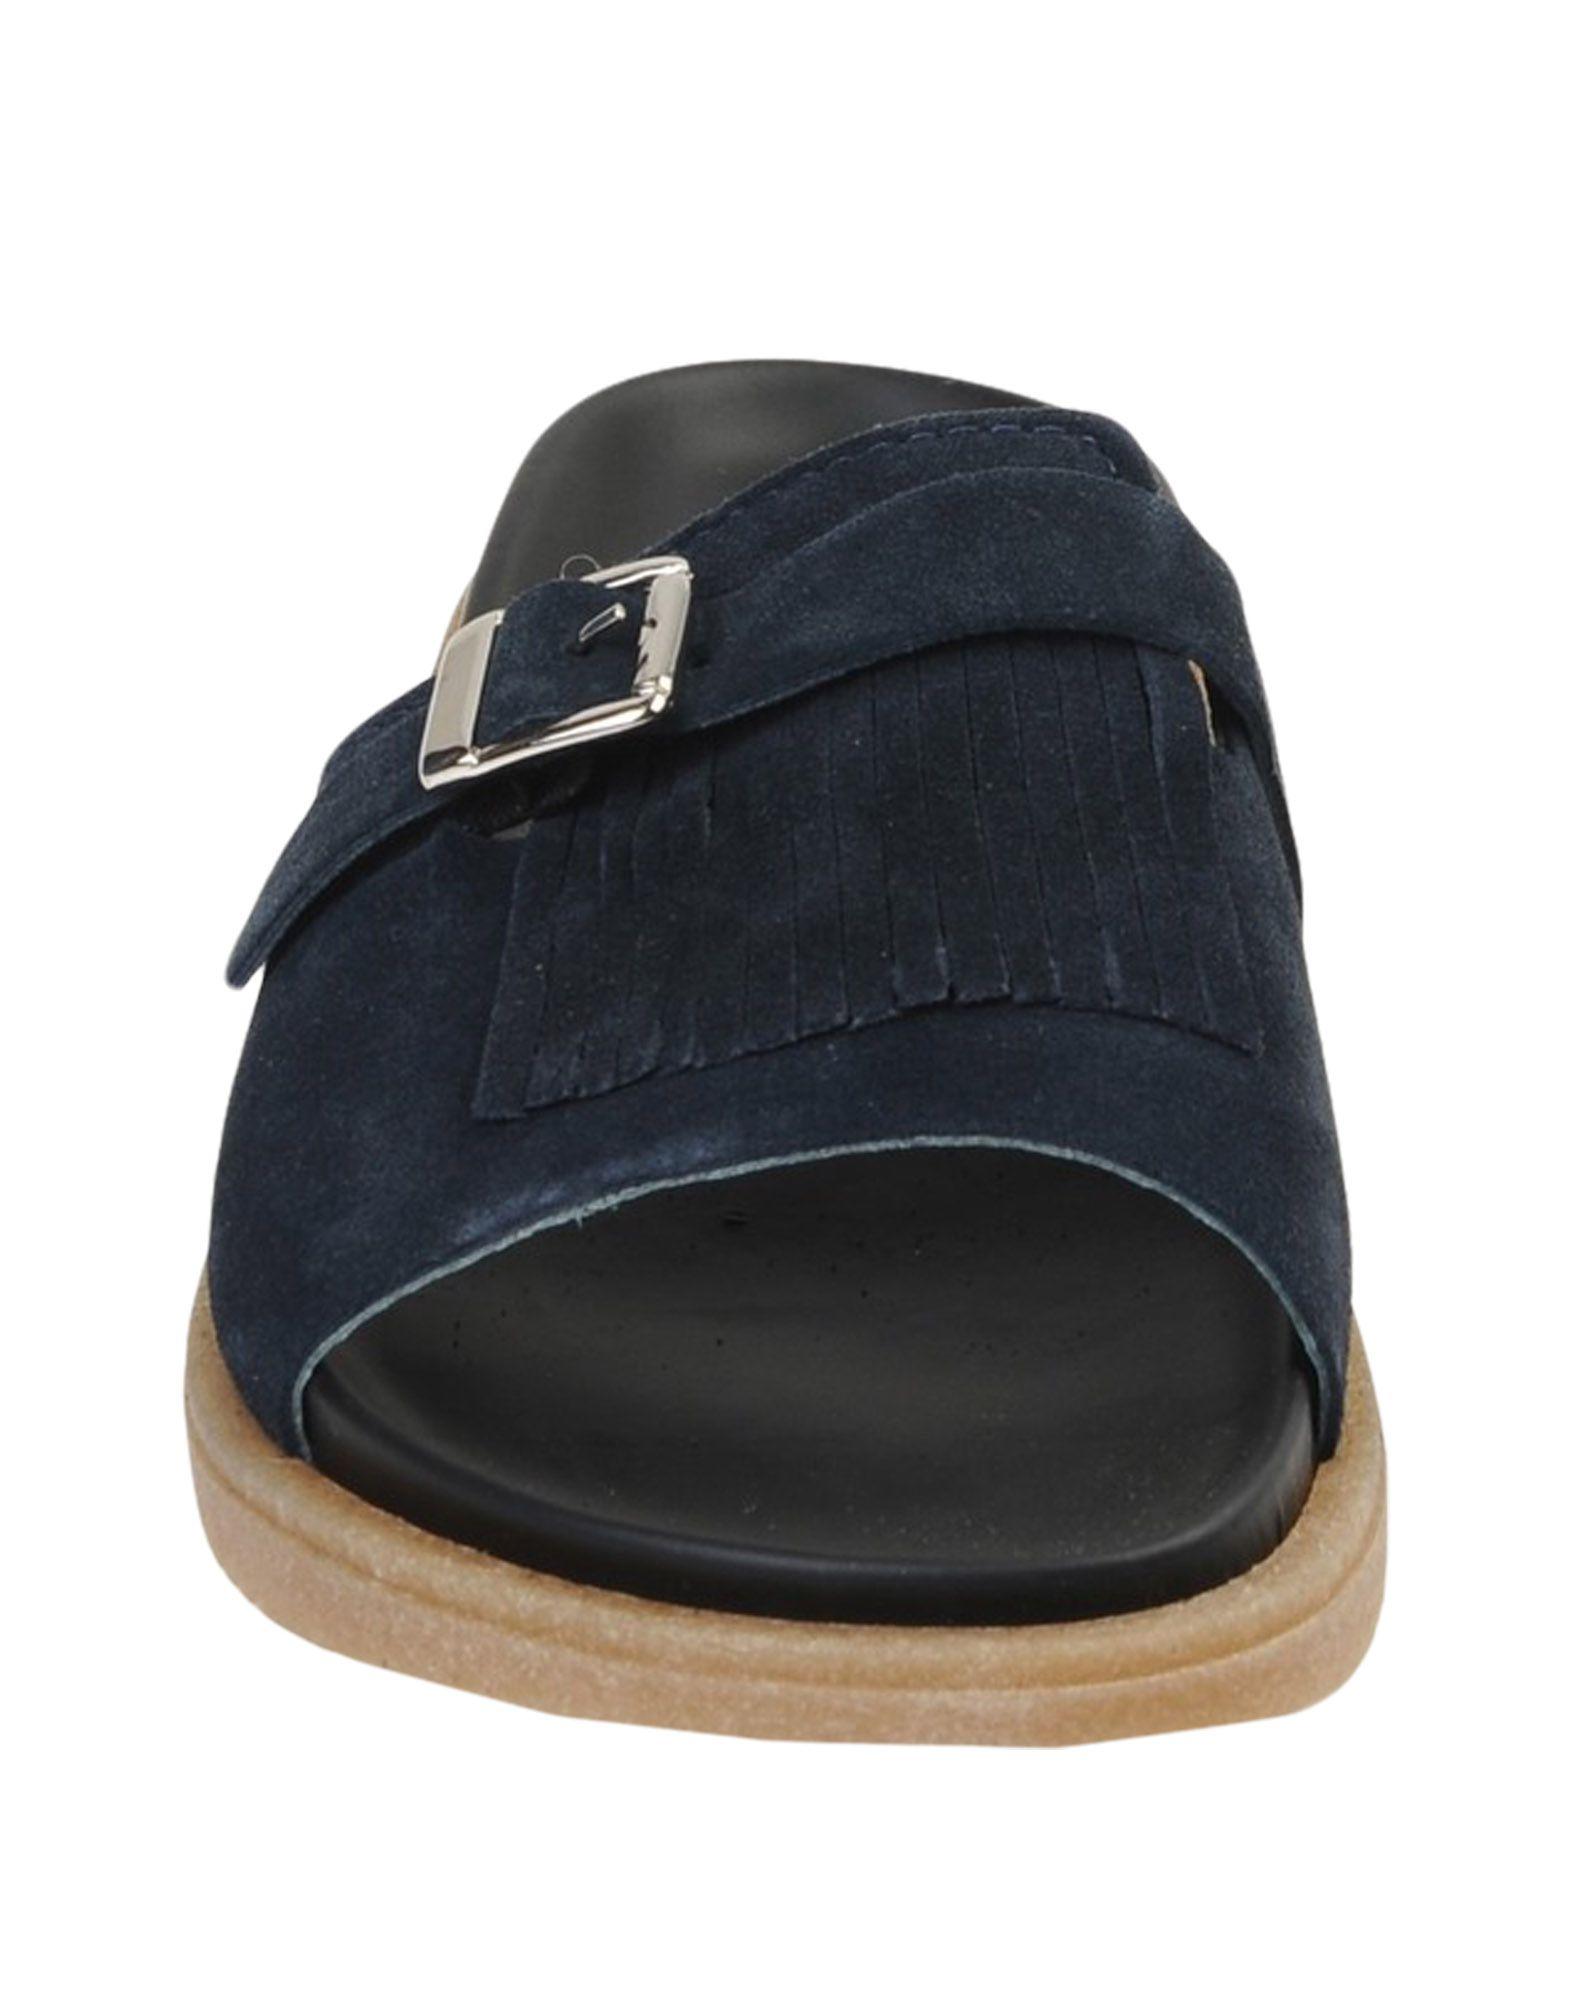 8 11466642WP Sandalen Damen  11466642WP 8 Gute Qualität beliebte Schuhe 83d001